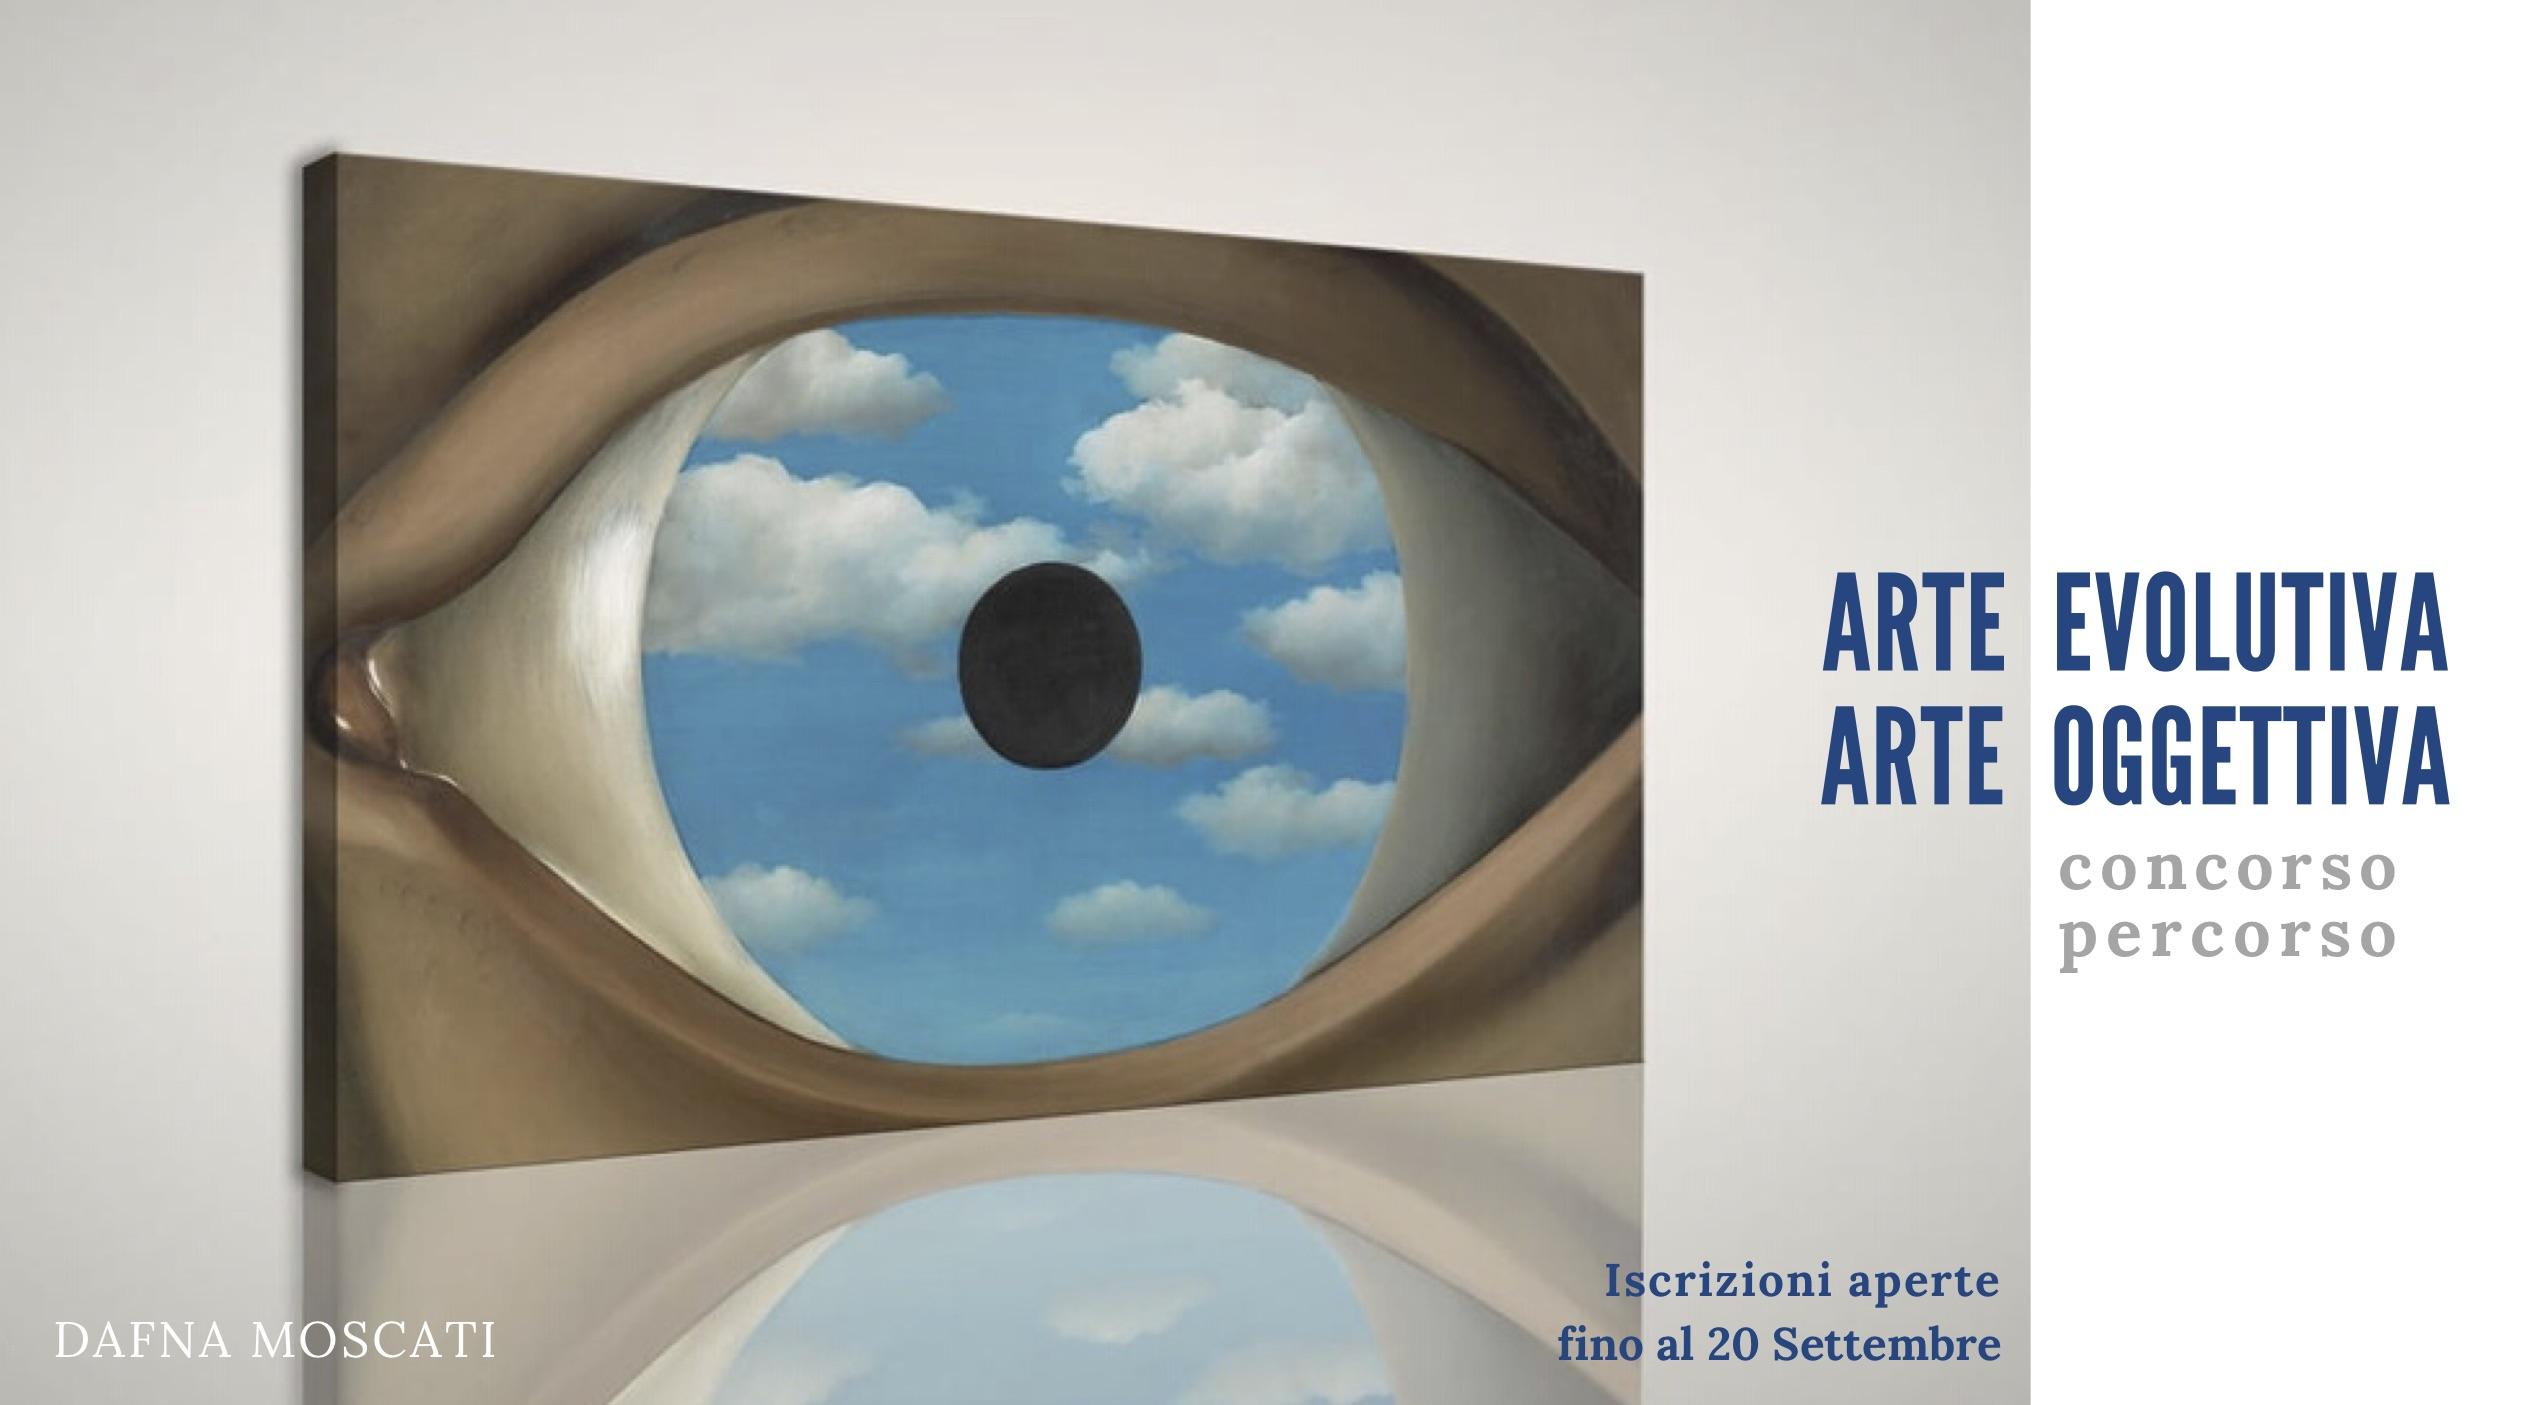 ARTE EVOLUTIVA - ARTE OGGETTIVA  Concorso / Percorso